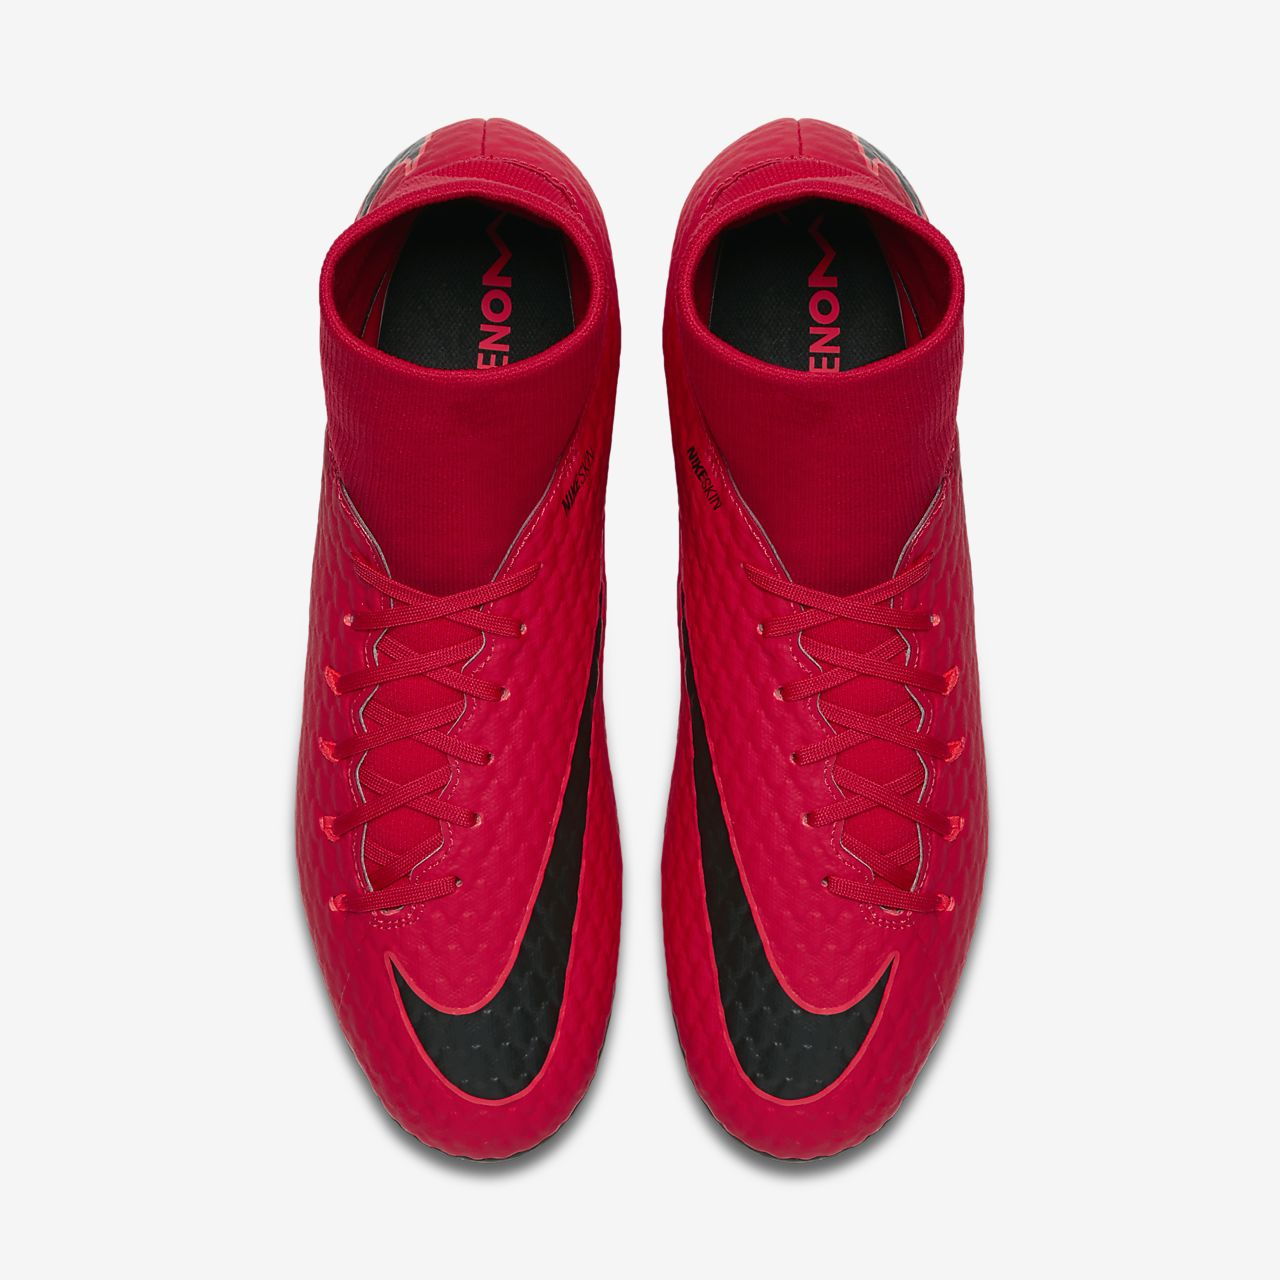 ... Chaussure de football à crampons pour terrain synthétique Nike  Hypervenom Phelon 3 Dynamic Fit AG-